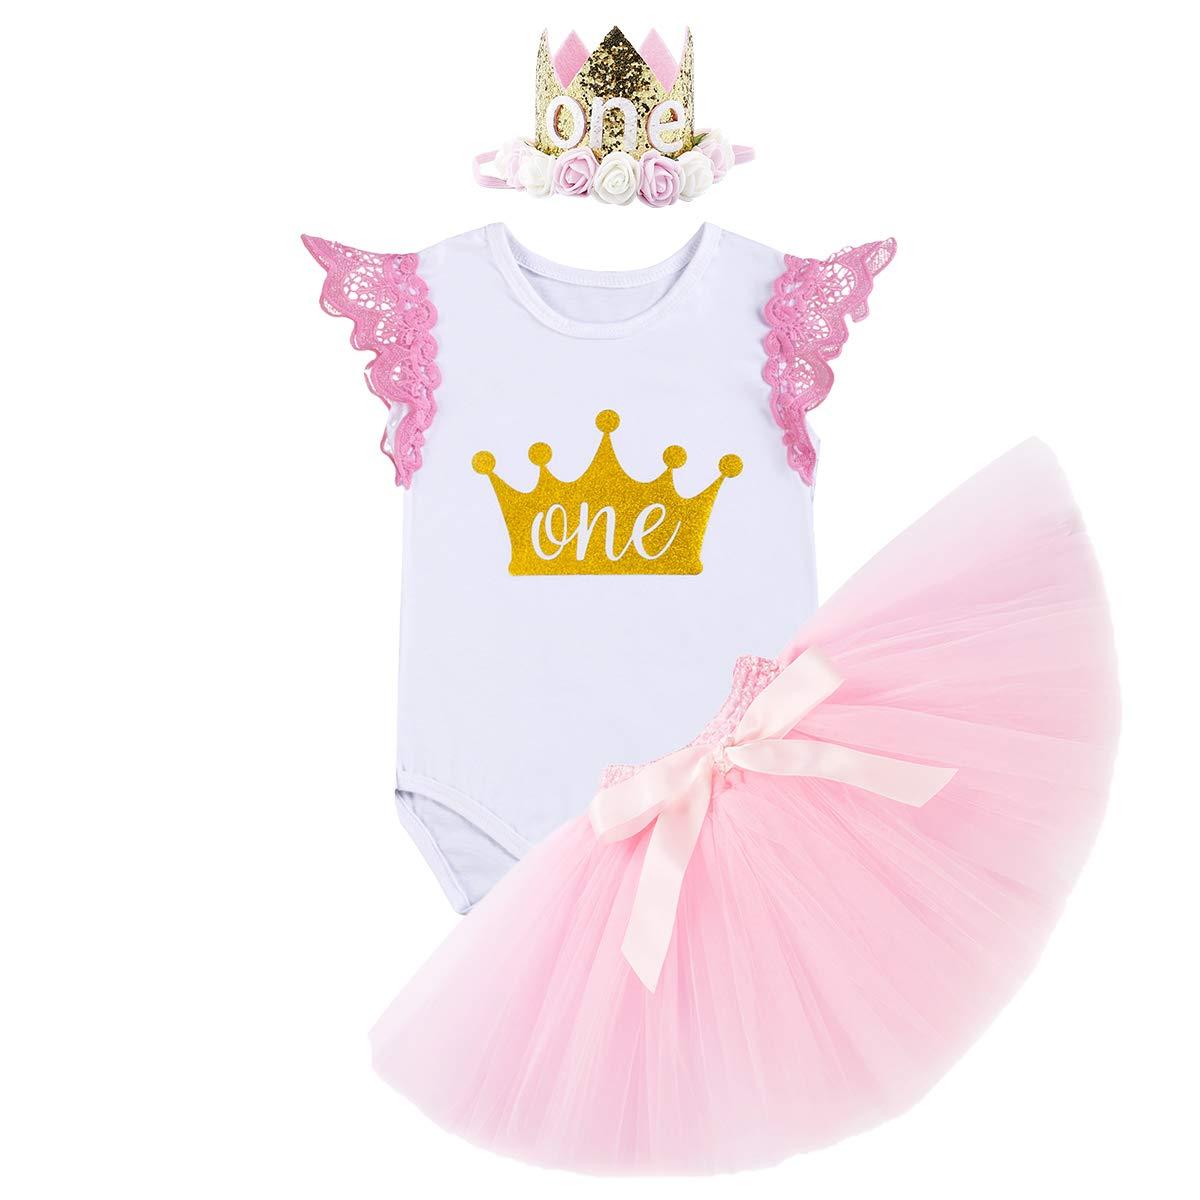 Baby Mädchen Einhorn 1 Geburtstag Party Outfit Strampler Tutu Rock Stirnband